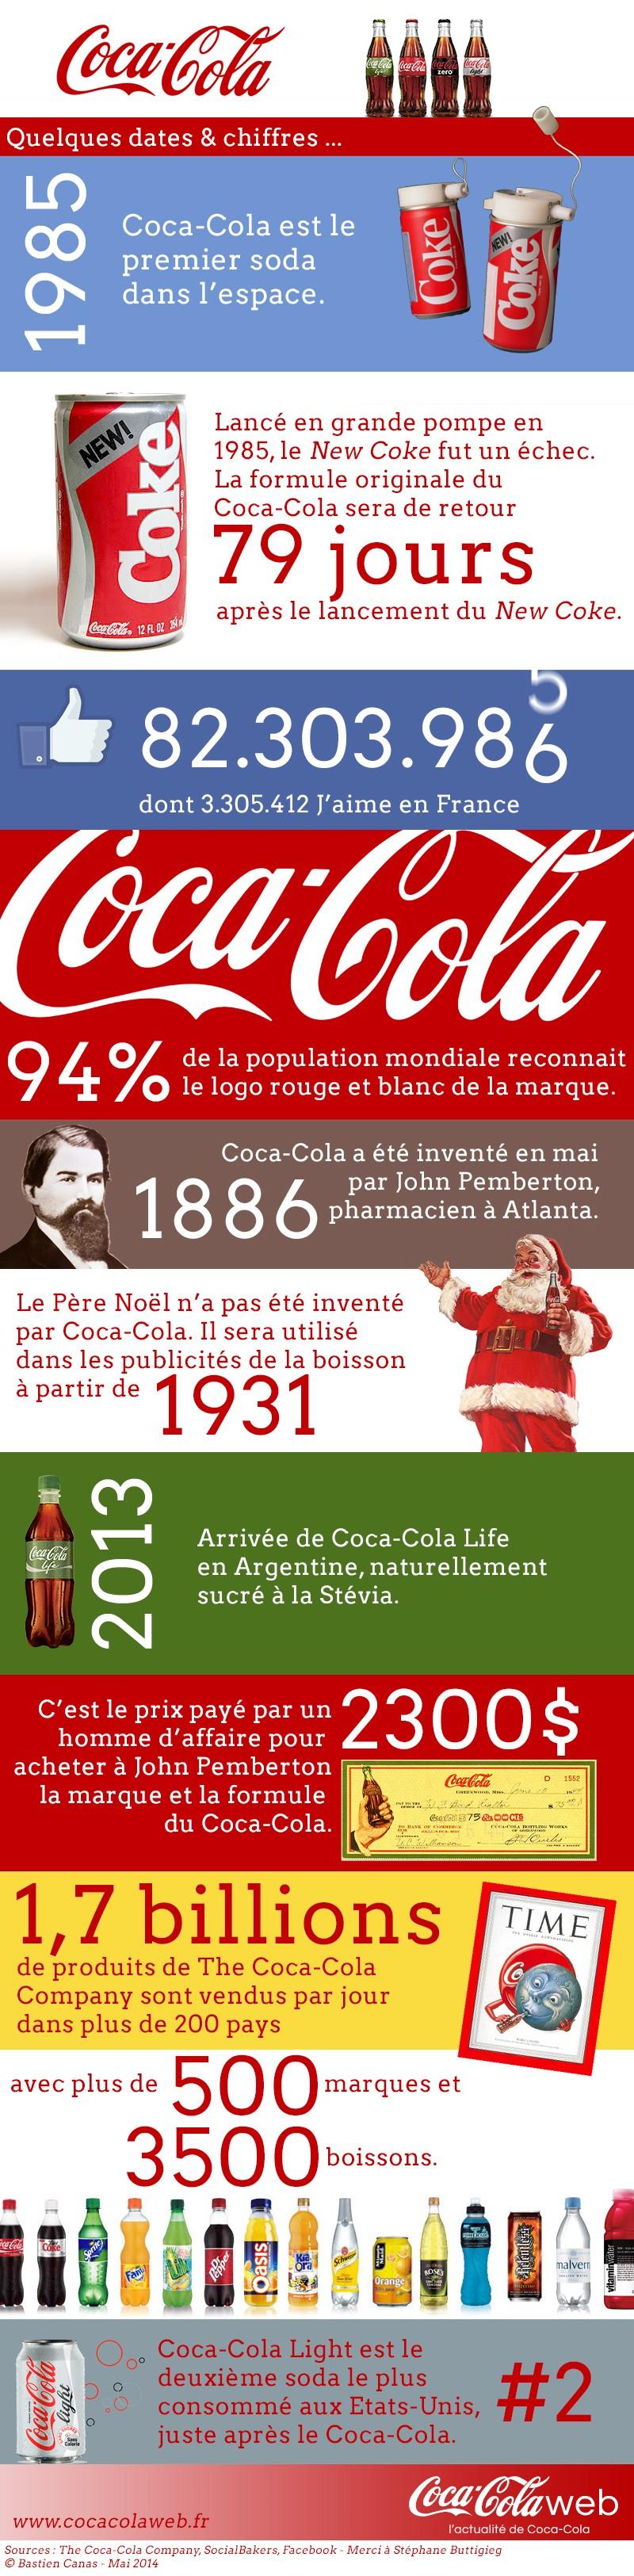 Infographie : « Coca-Cola en quelques dates et chiffres »